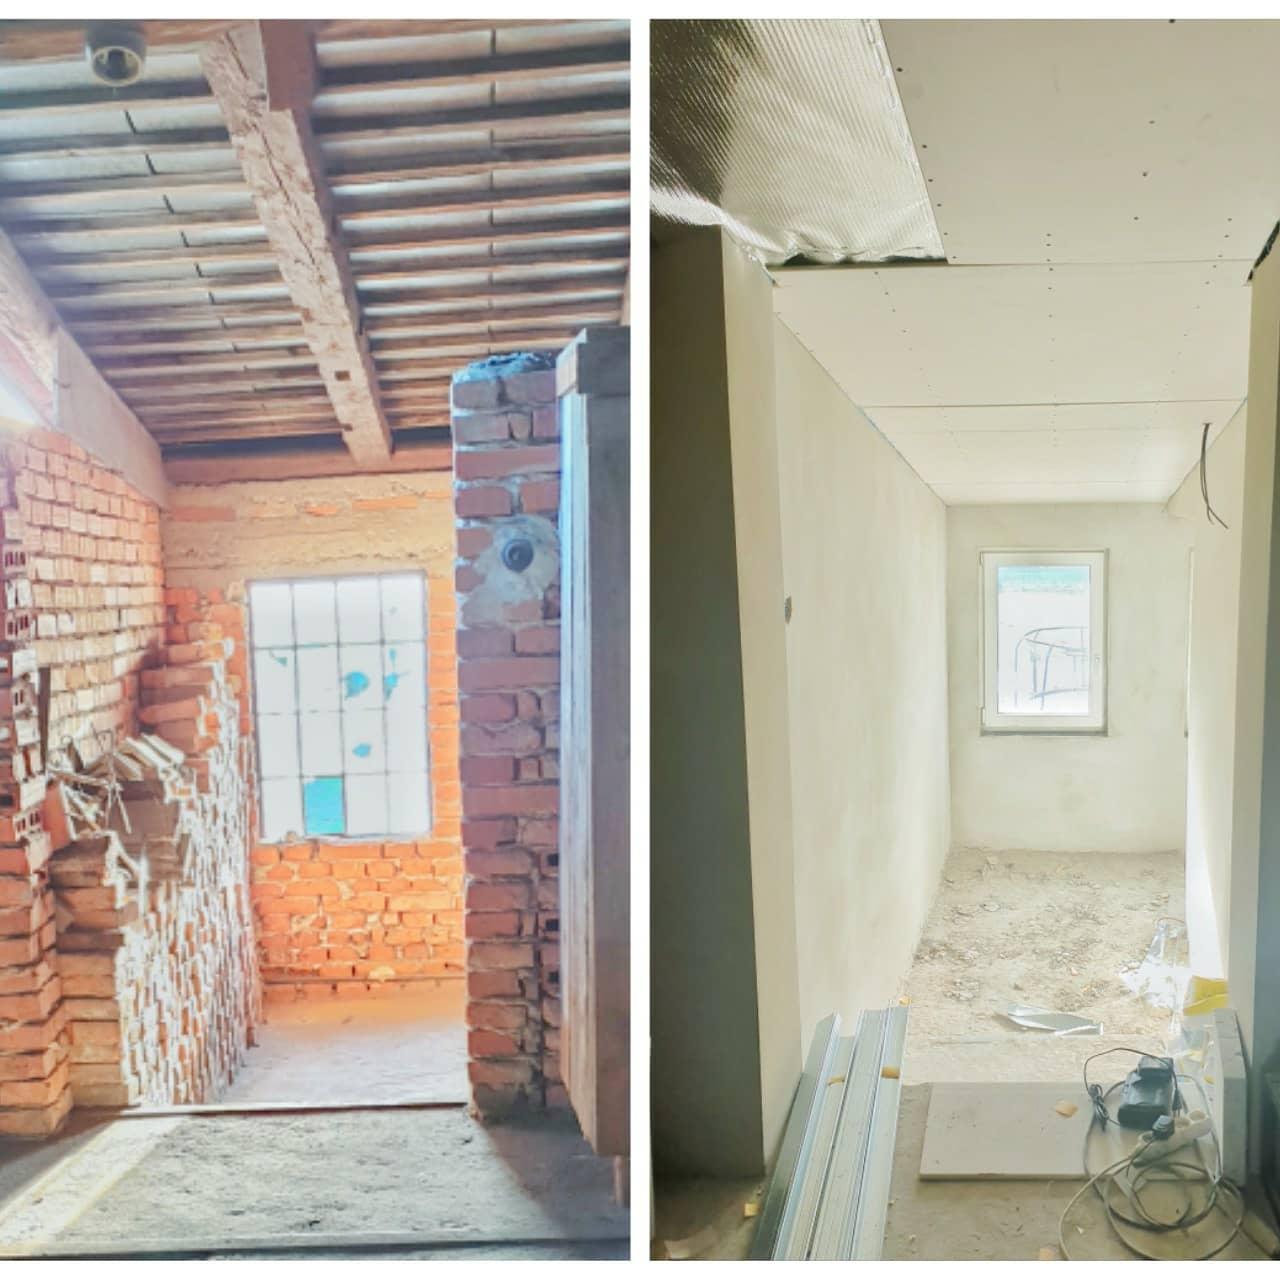 Rekonštrukcia domu-alebo chceme si splniť sen =》🏠🌻🌼🐶  mat domcek a vratit sa na Slovensko - Obrázok č. 631